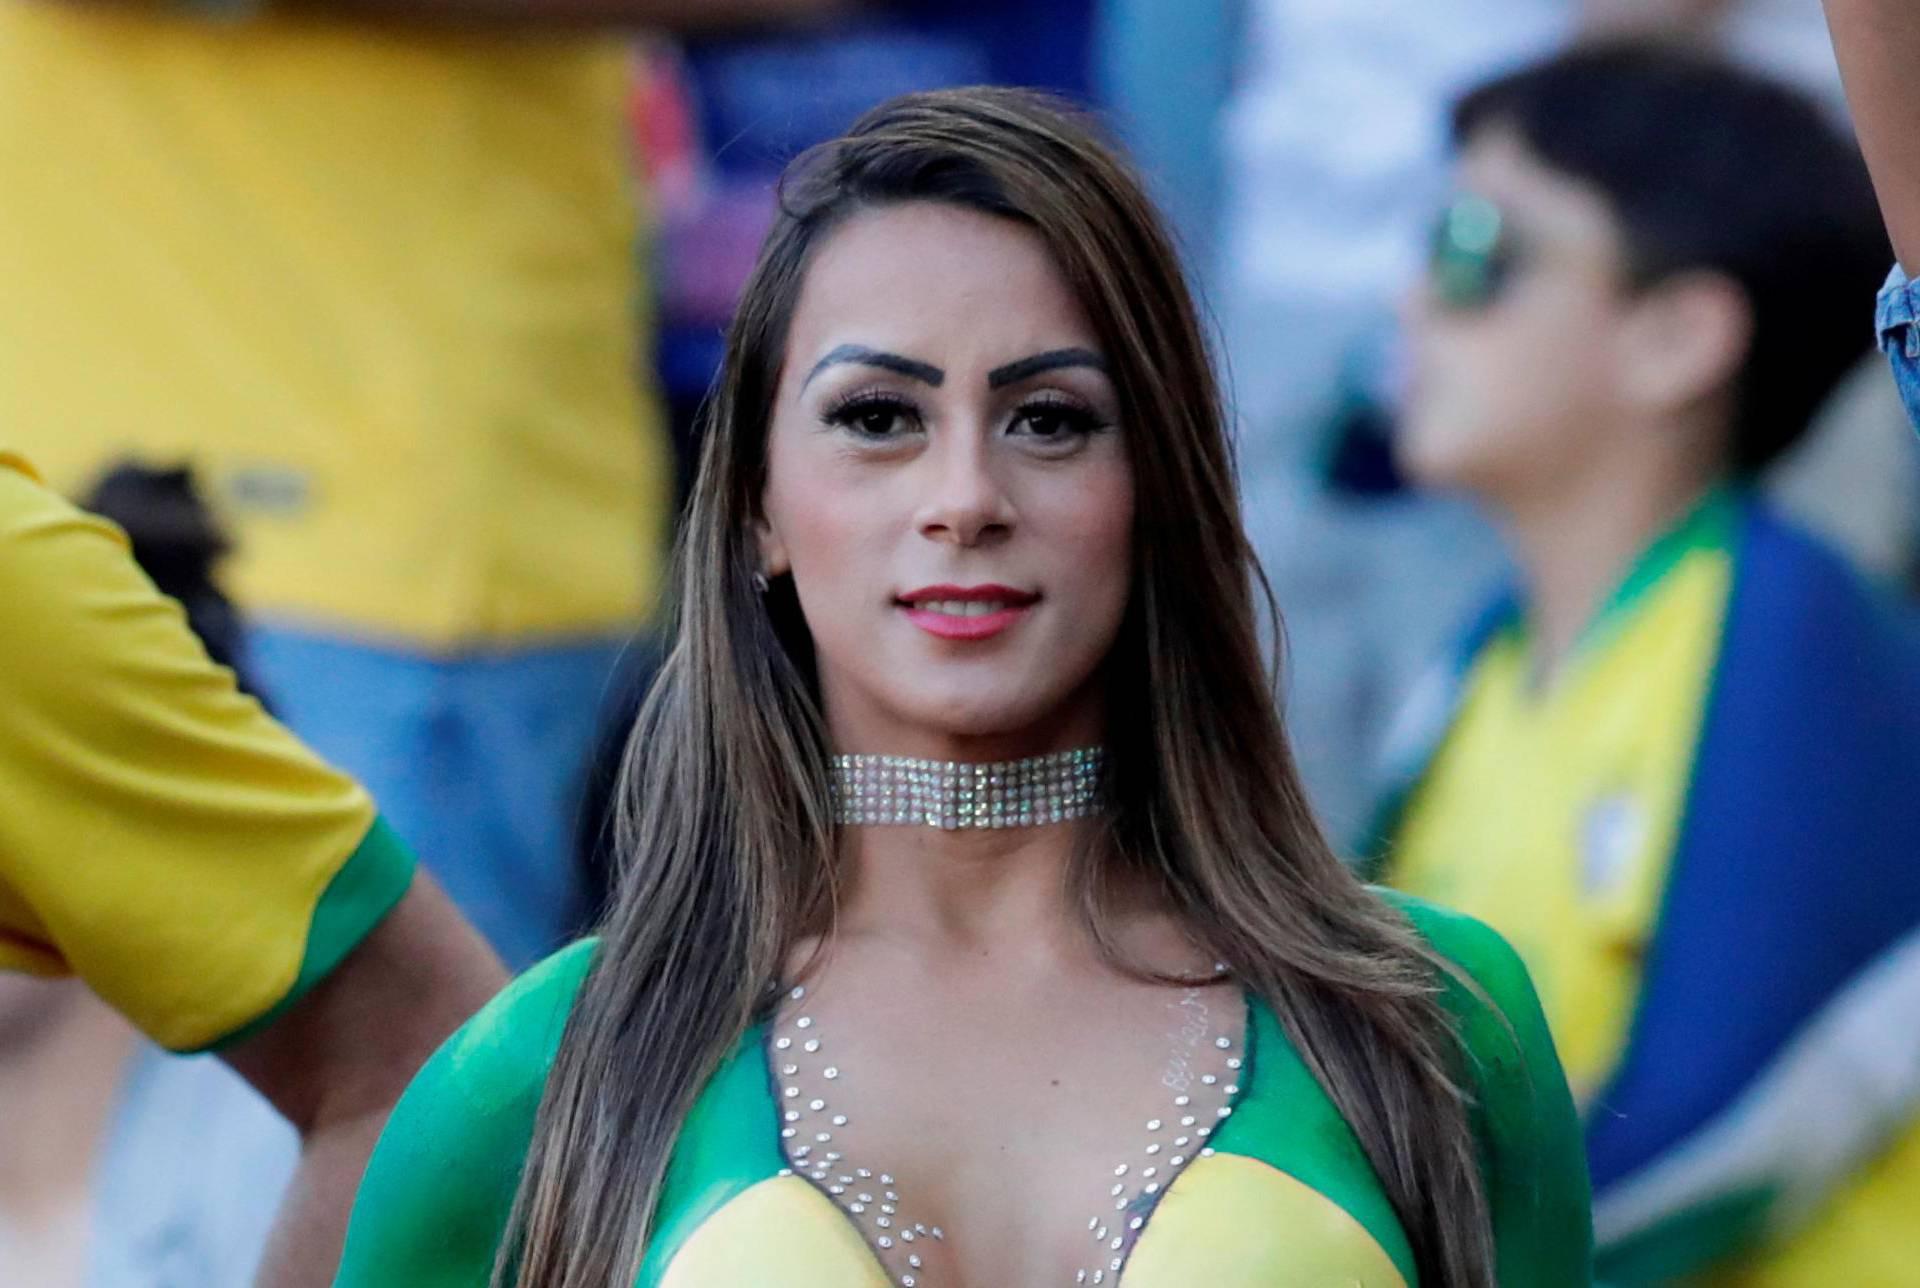 Vruće mi je: Brazilka na finale došla samo s bojom na tijelu...